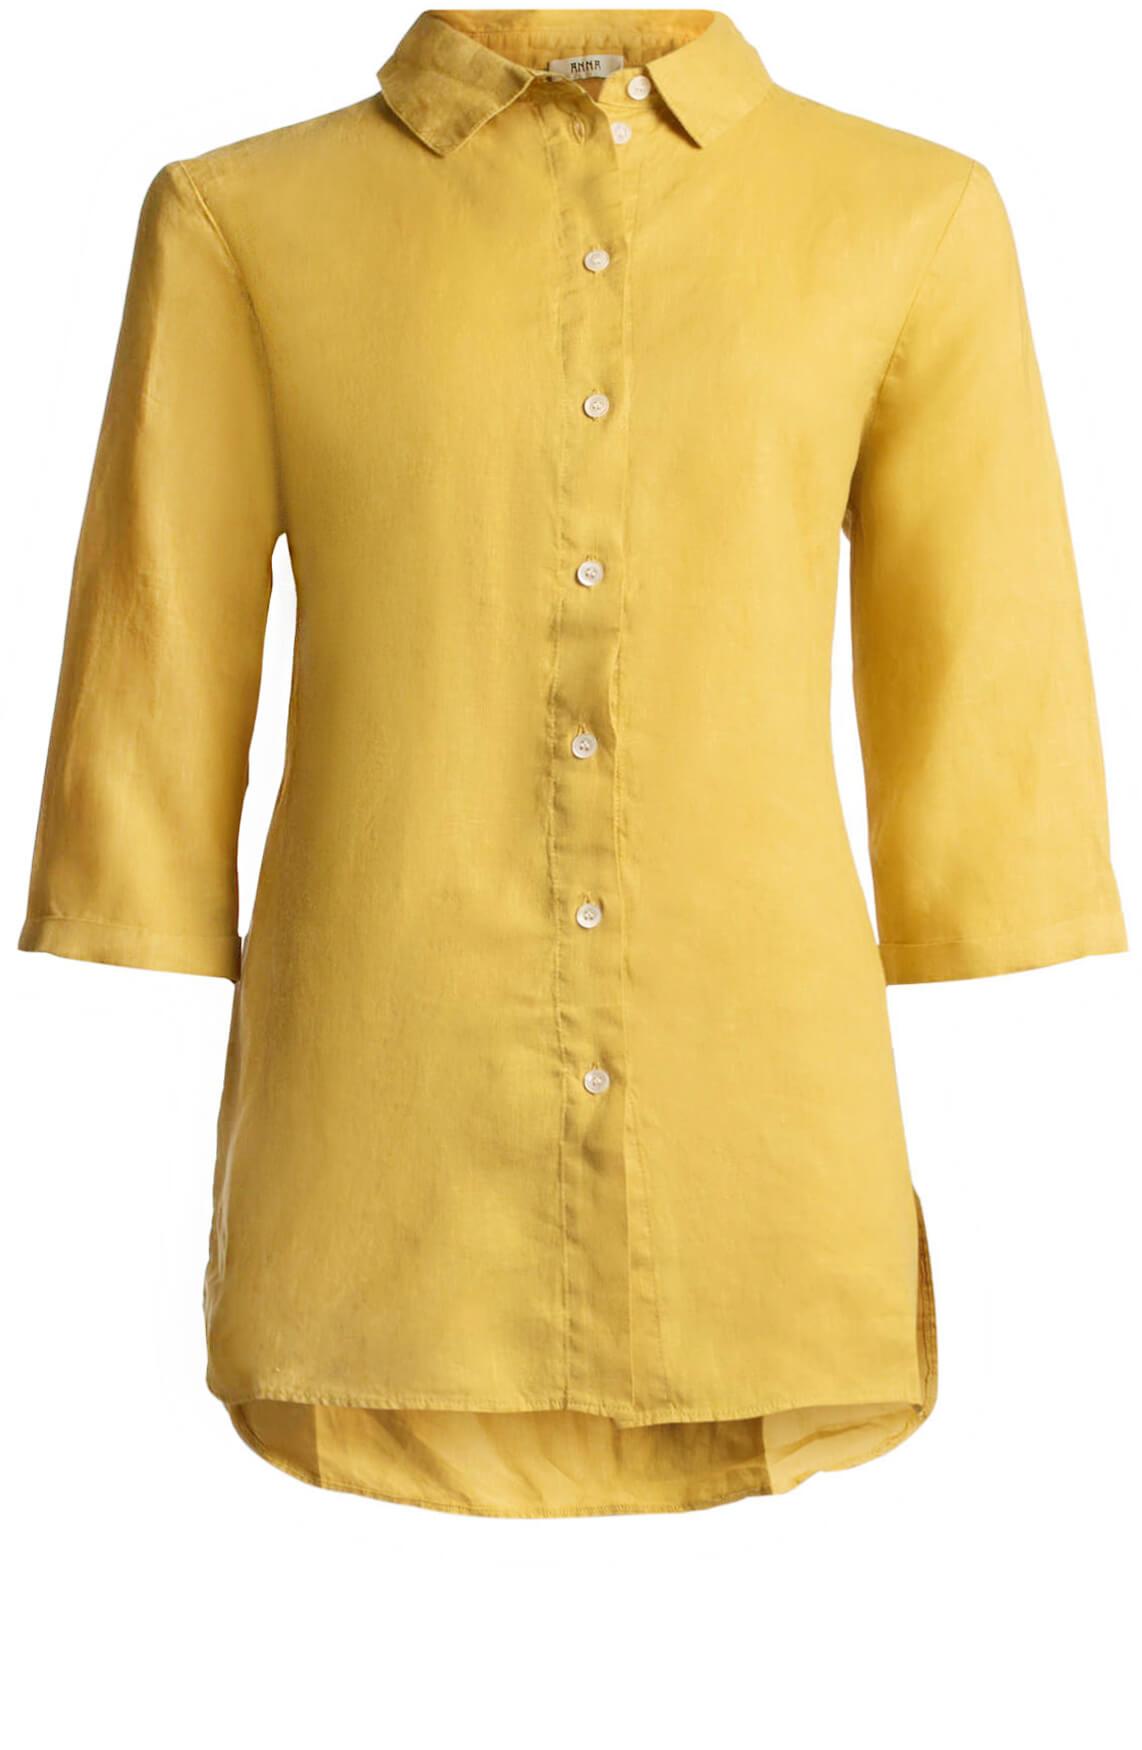 Anna Dames Linnen blouse geel